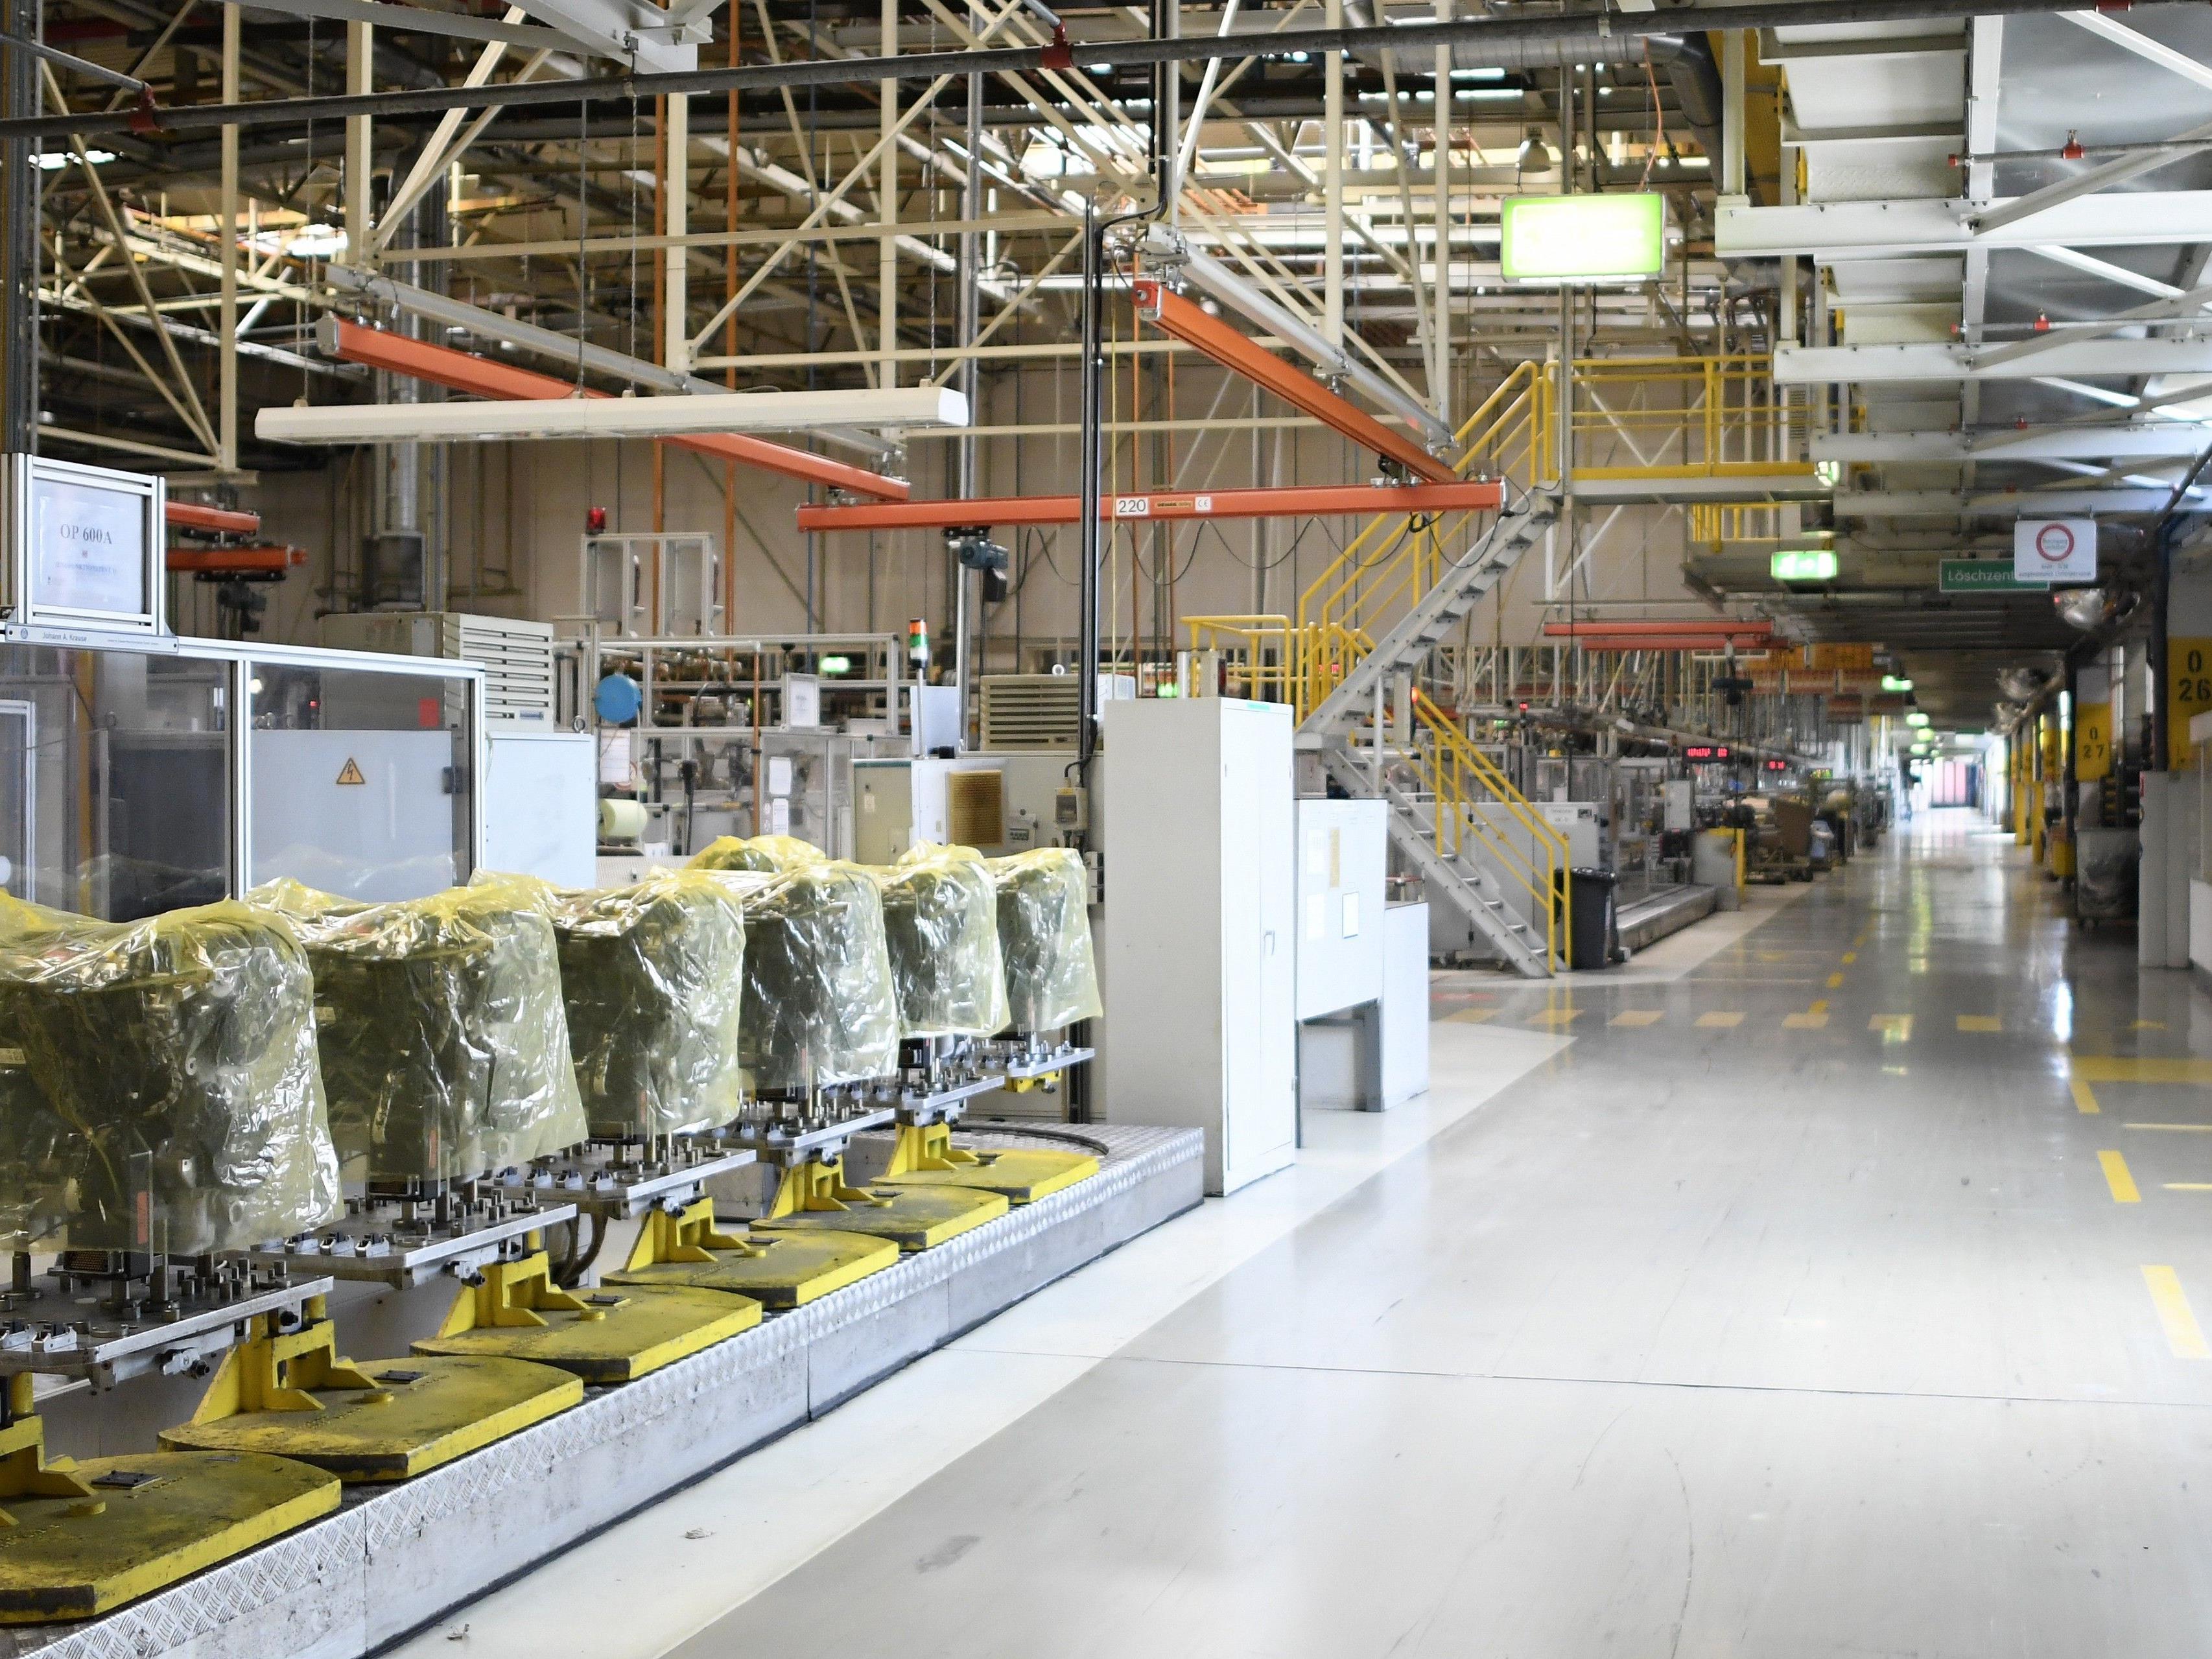 Das Opel-Werk in Wien-Aspern könnte im Schongang wieder hochgefahren werden.